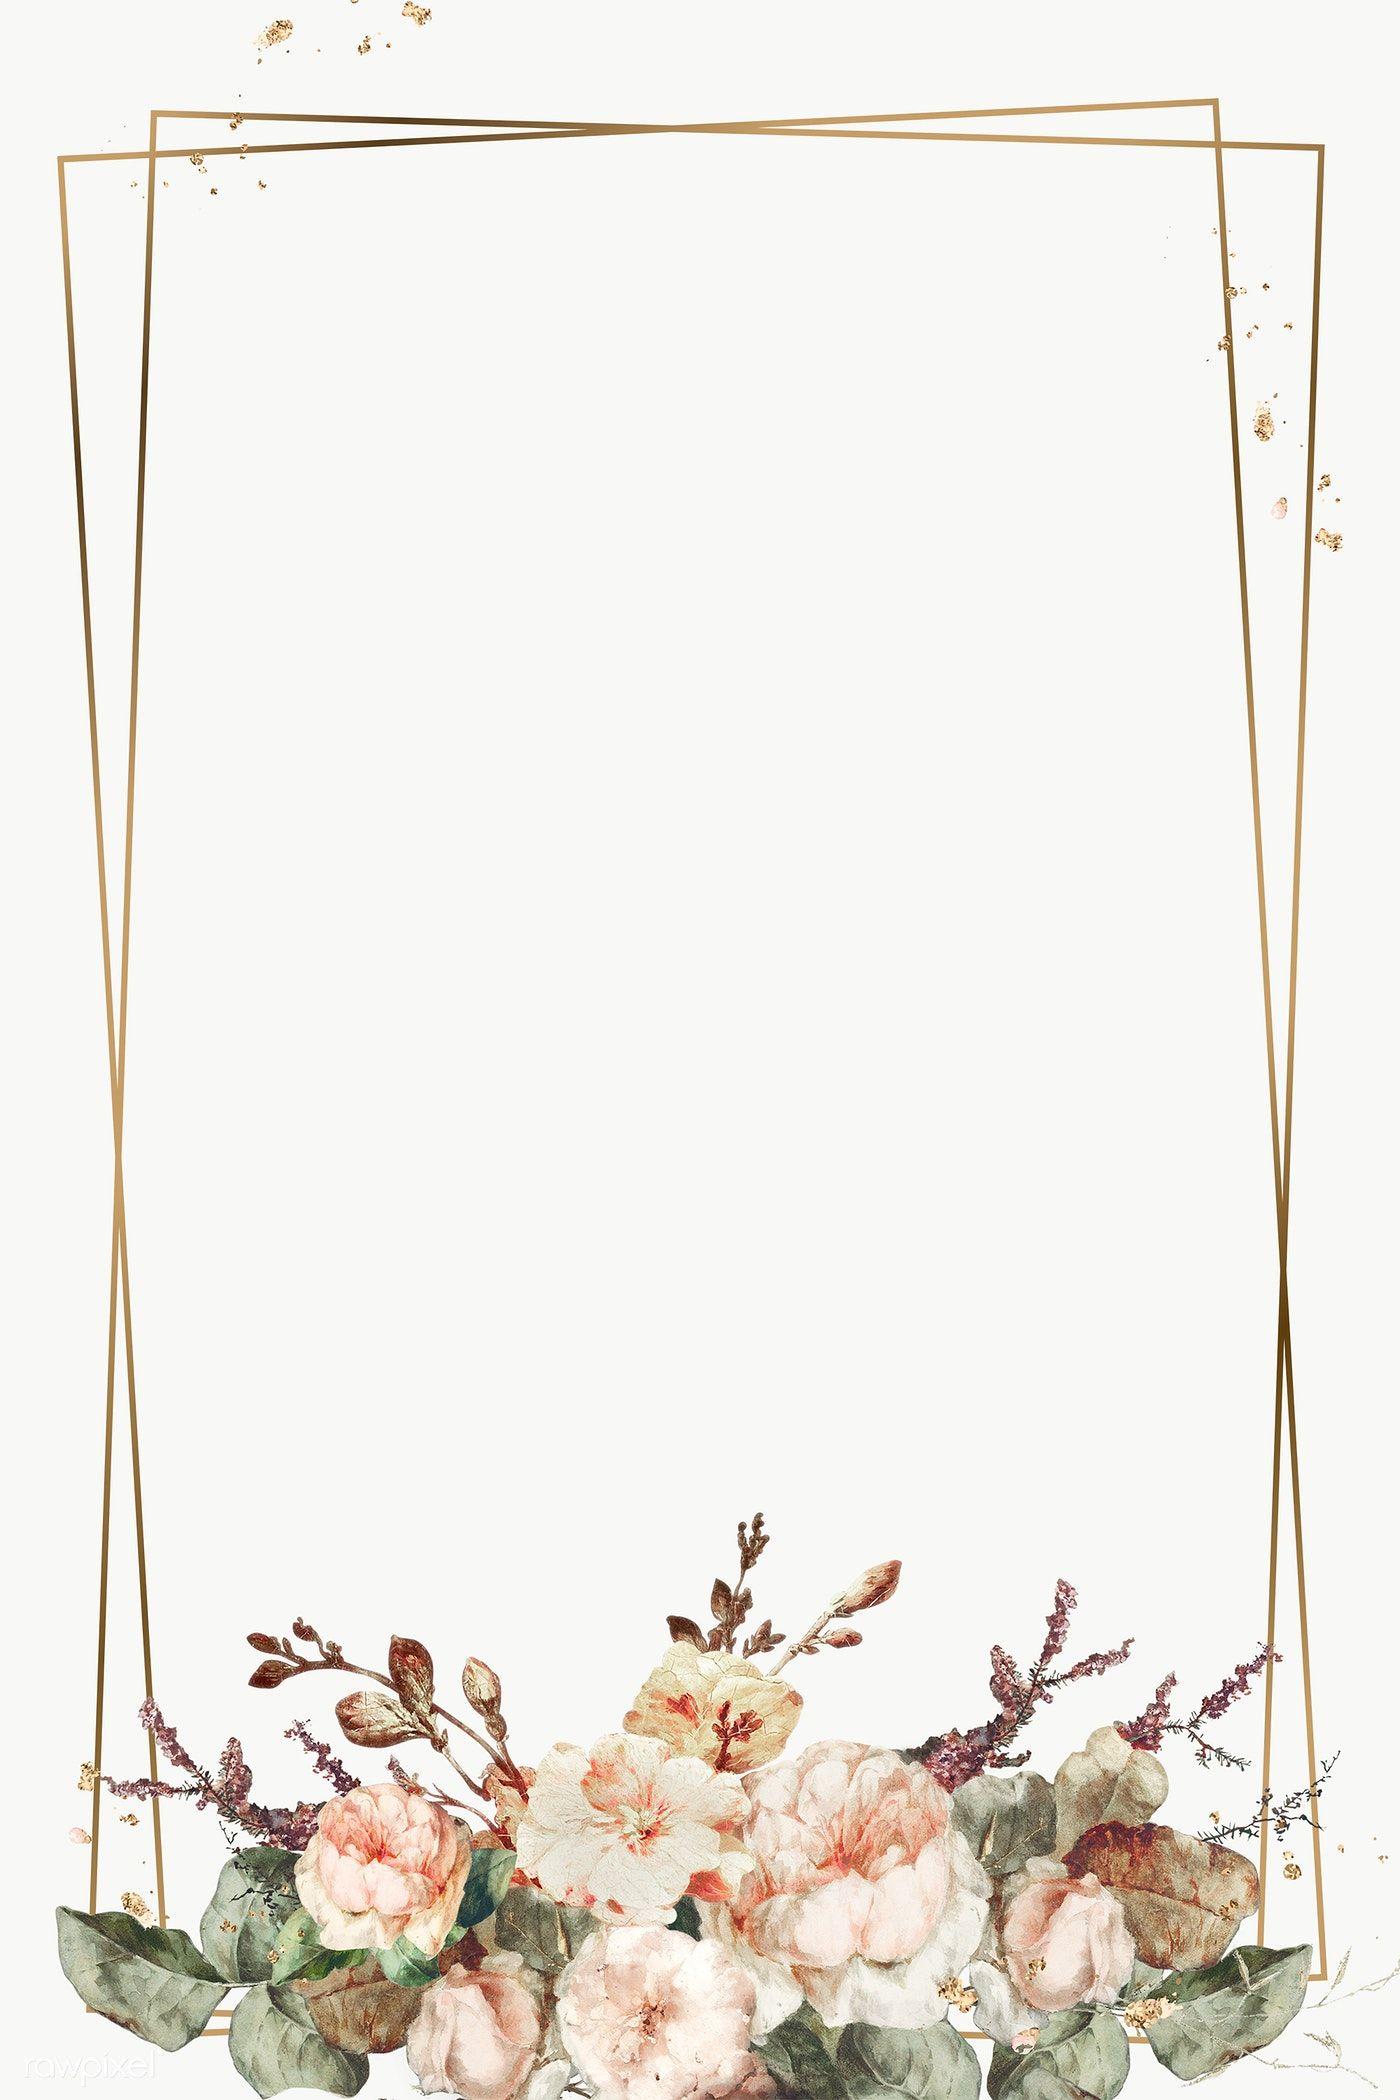 Pin By ام خليل المهنا On Png Vintage Floral Backgrounds Flower Background Wallpaper Floral Background